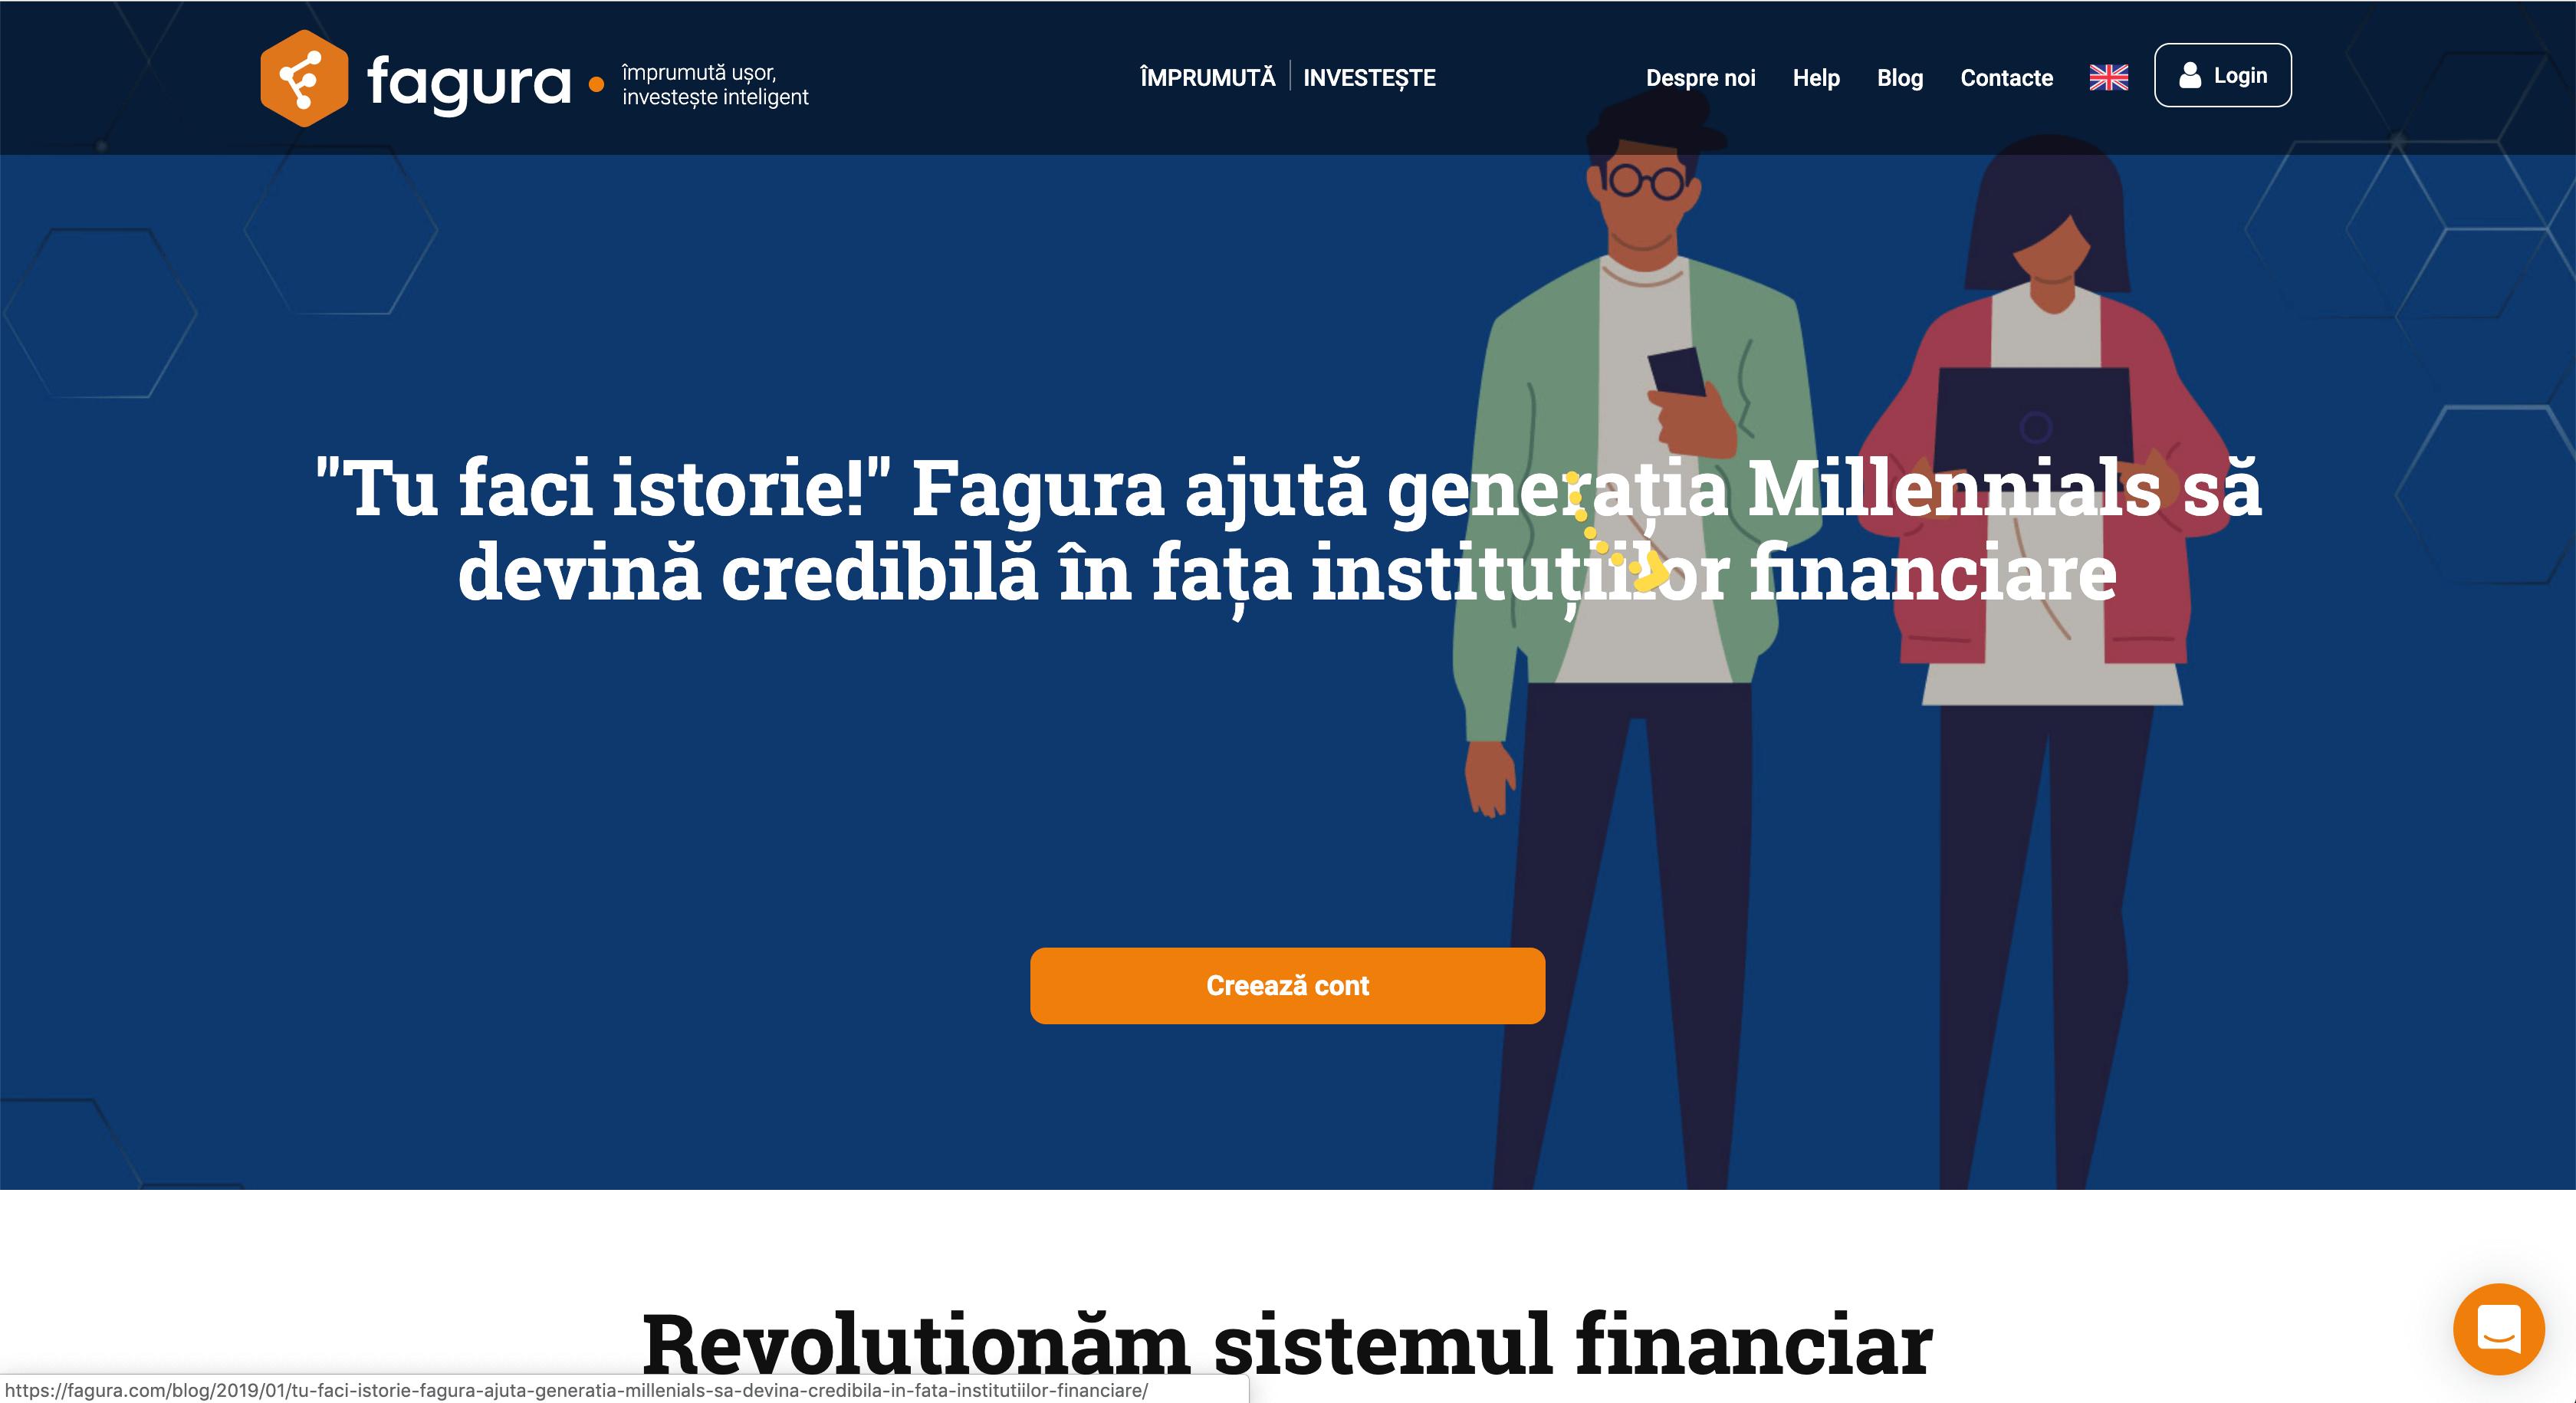 fagura.com